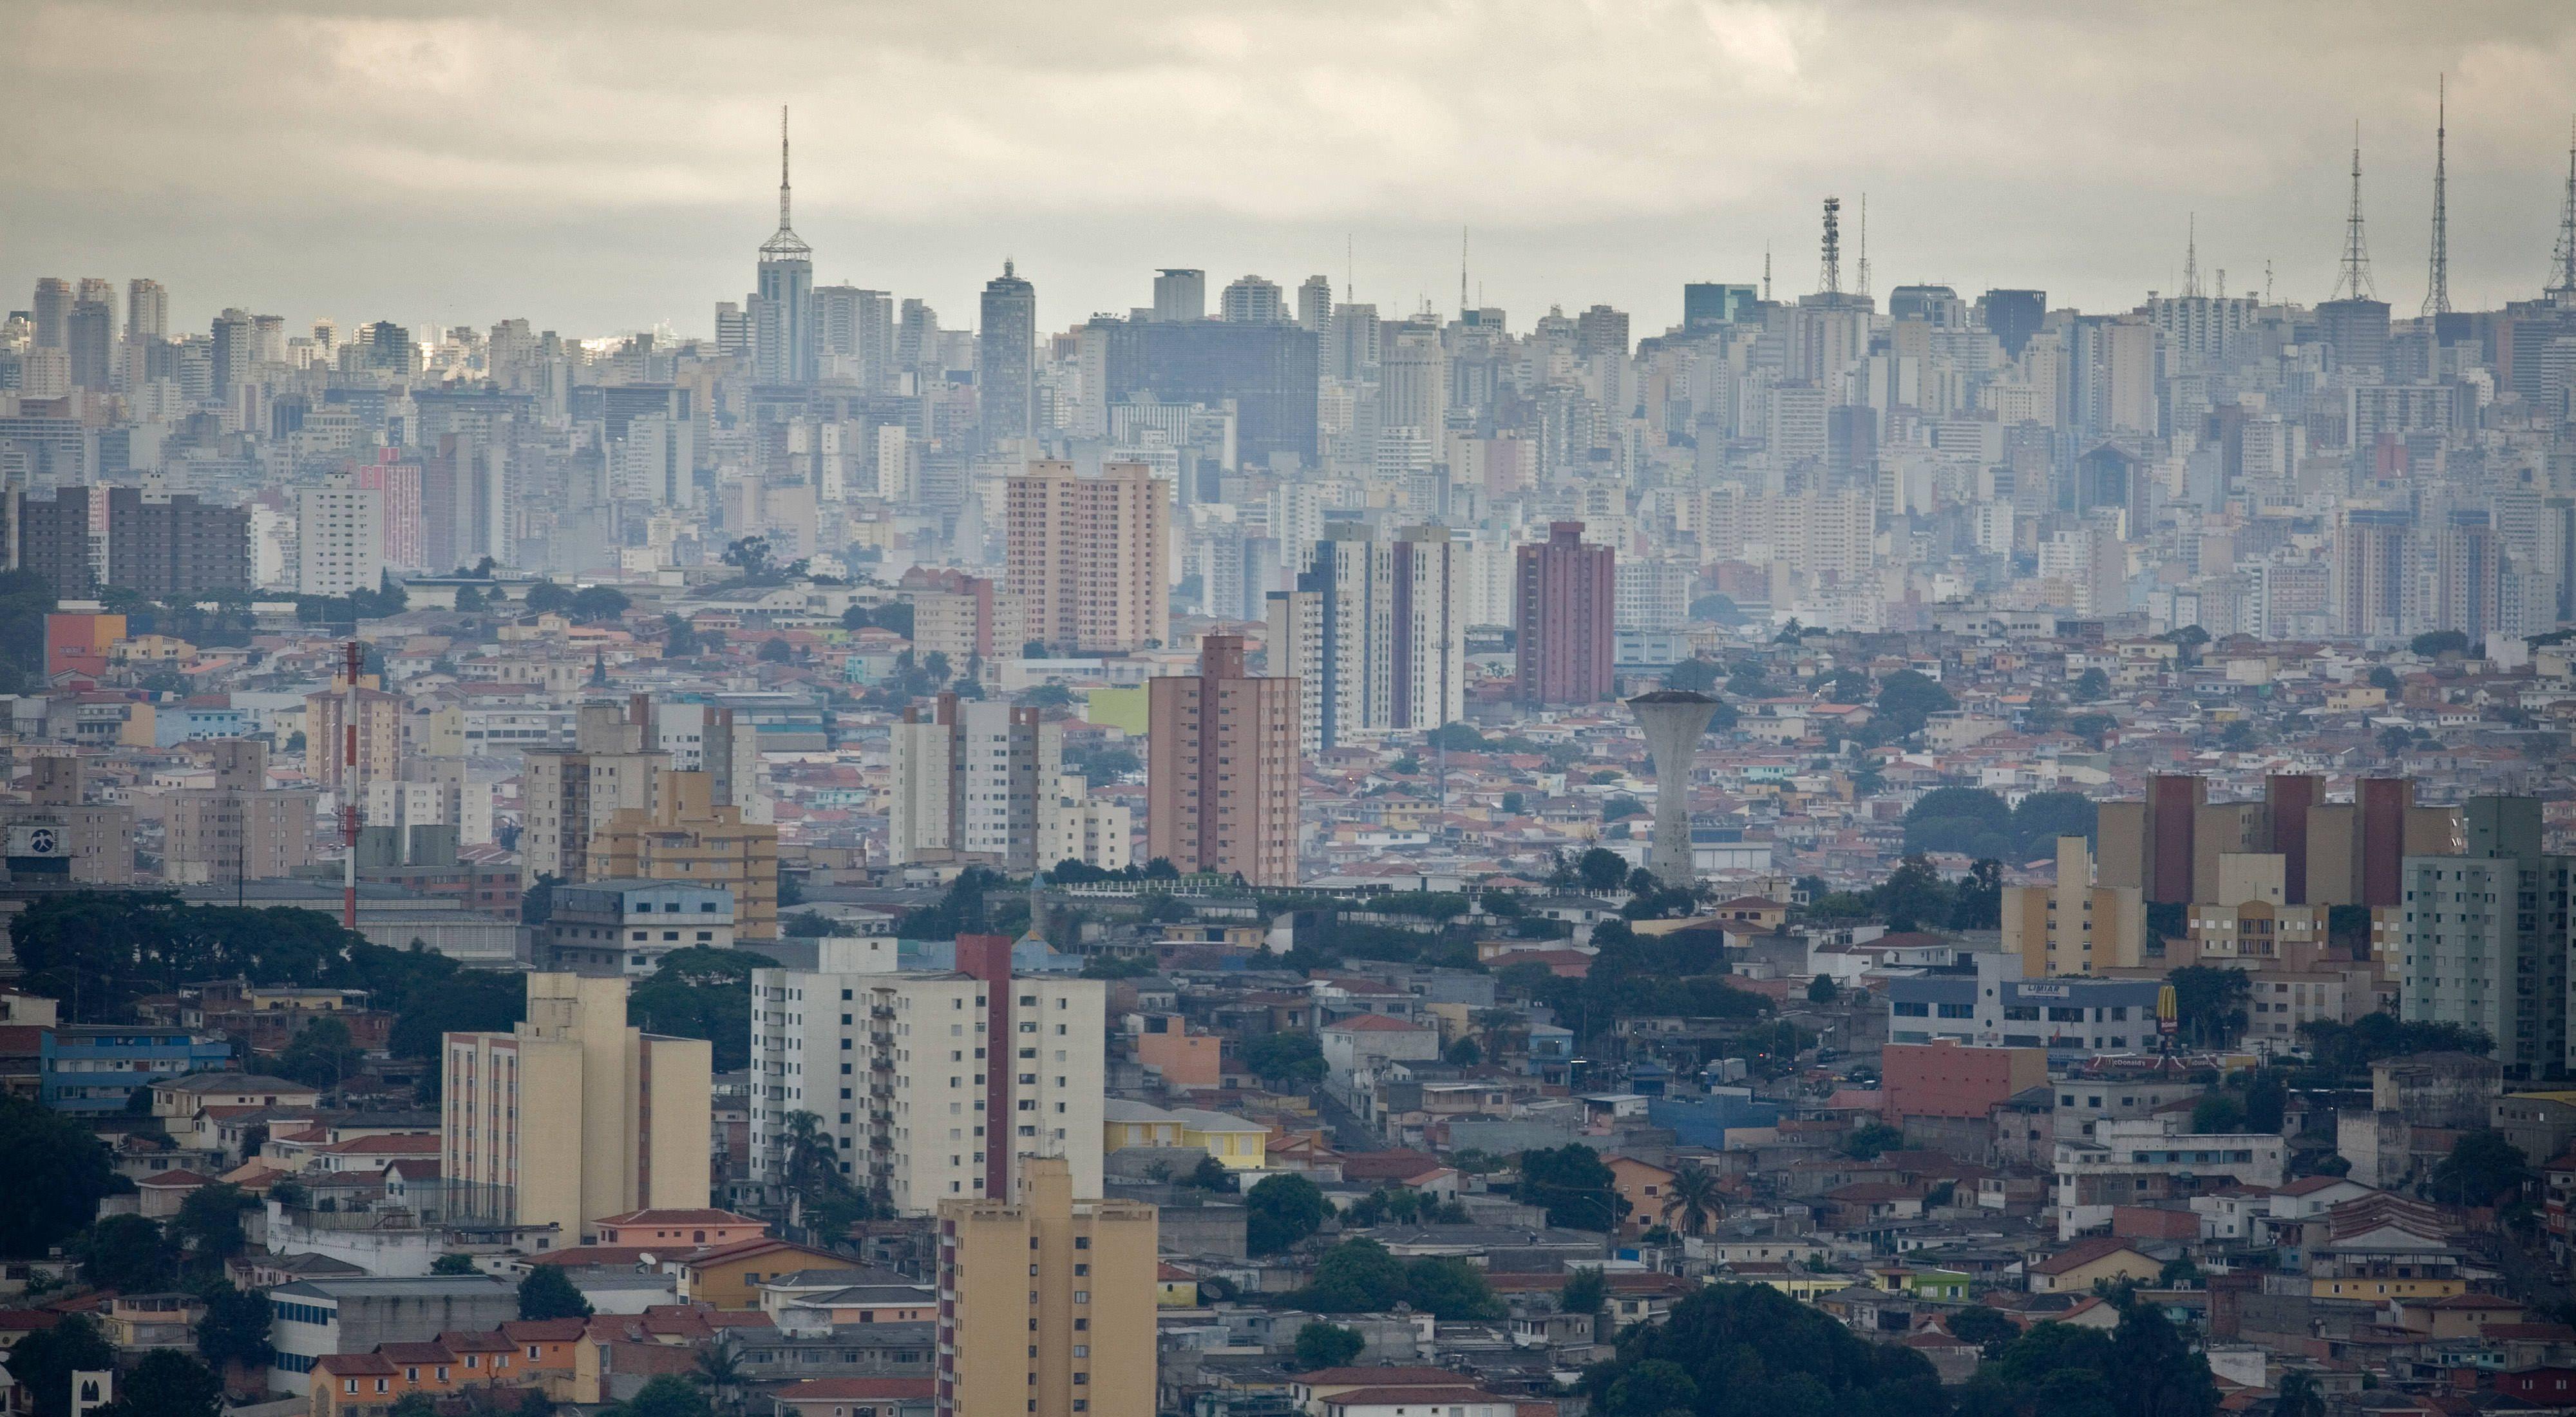 Vista da cidade de São Paulo com muitos prédios e pouca vegetação.